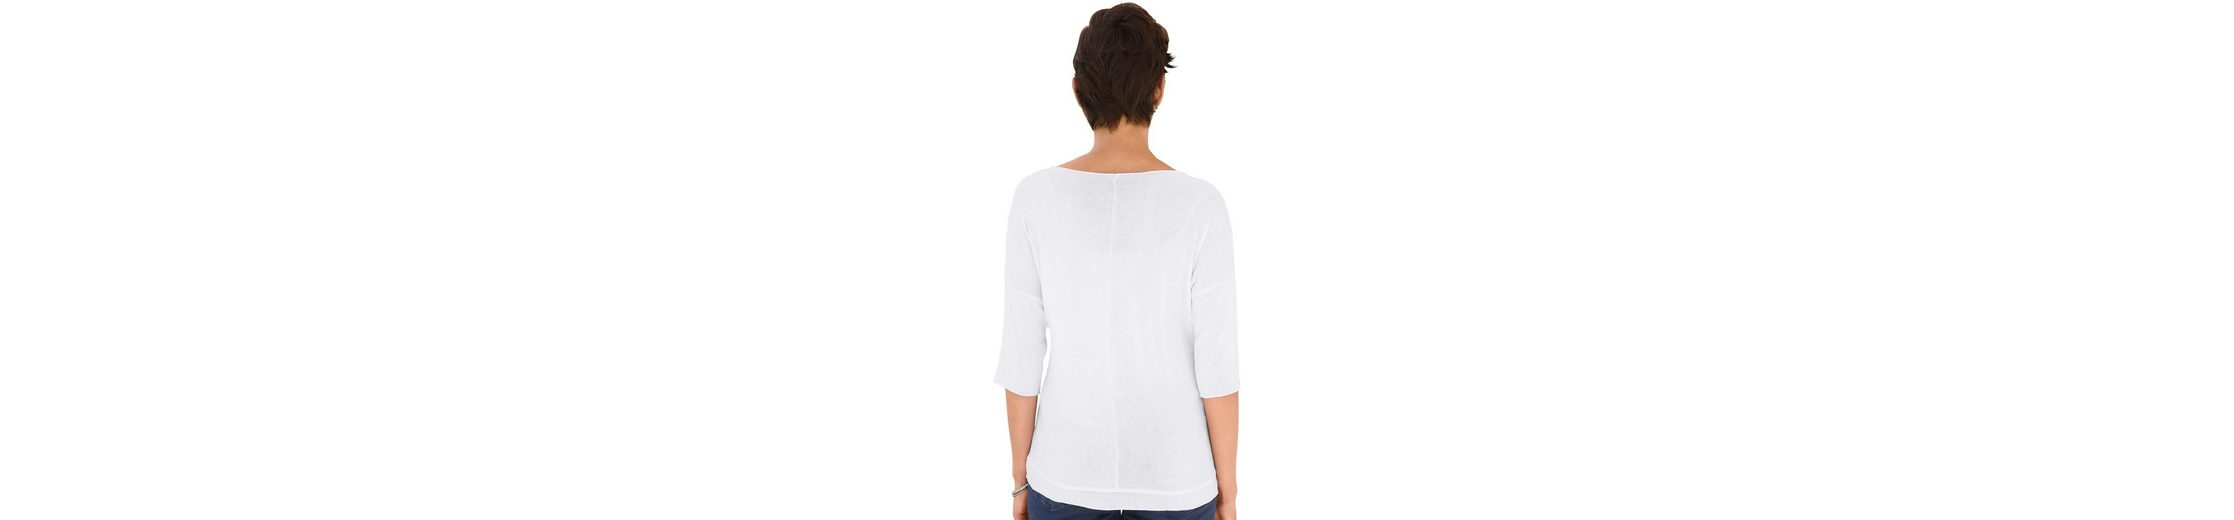 Creation L Shirt mit silberfarbigem Glanzdruck vorne Für Schön Qualität Frei Versandstelle r8uwbx0c9t